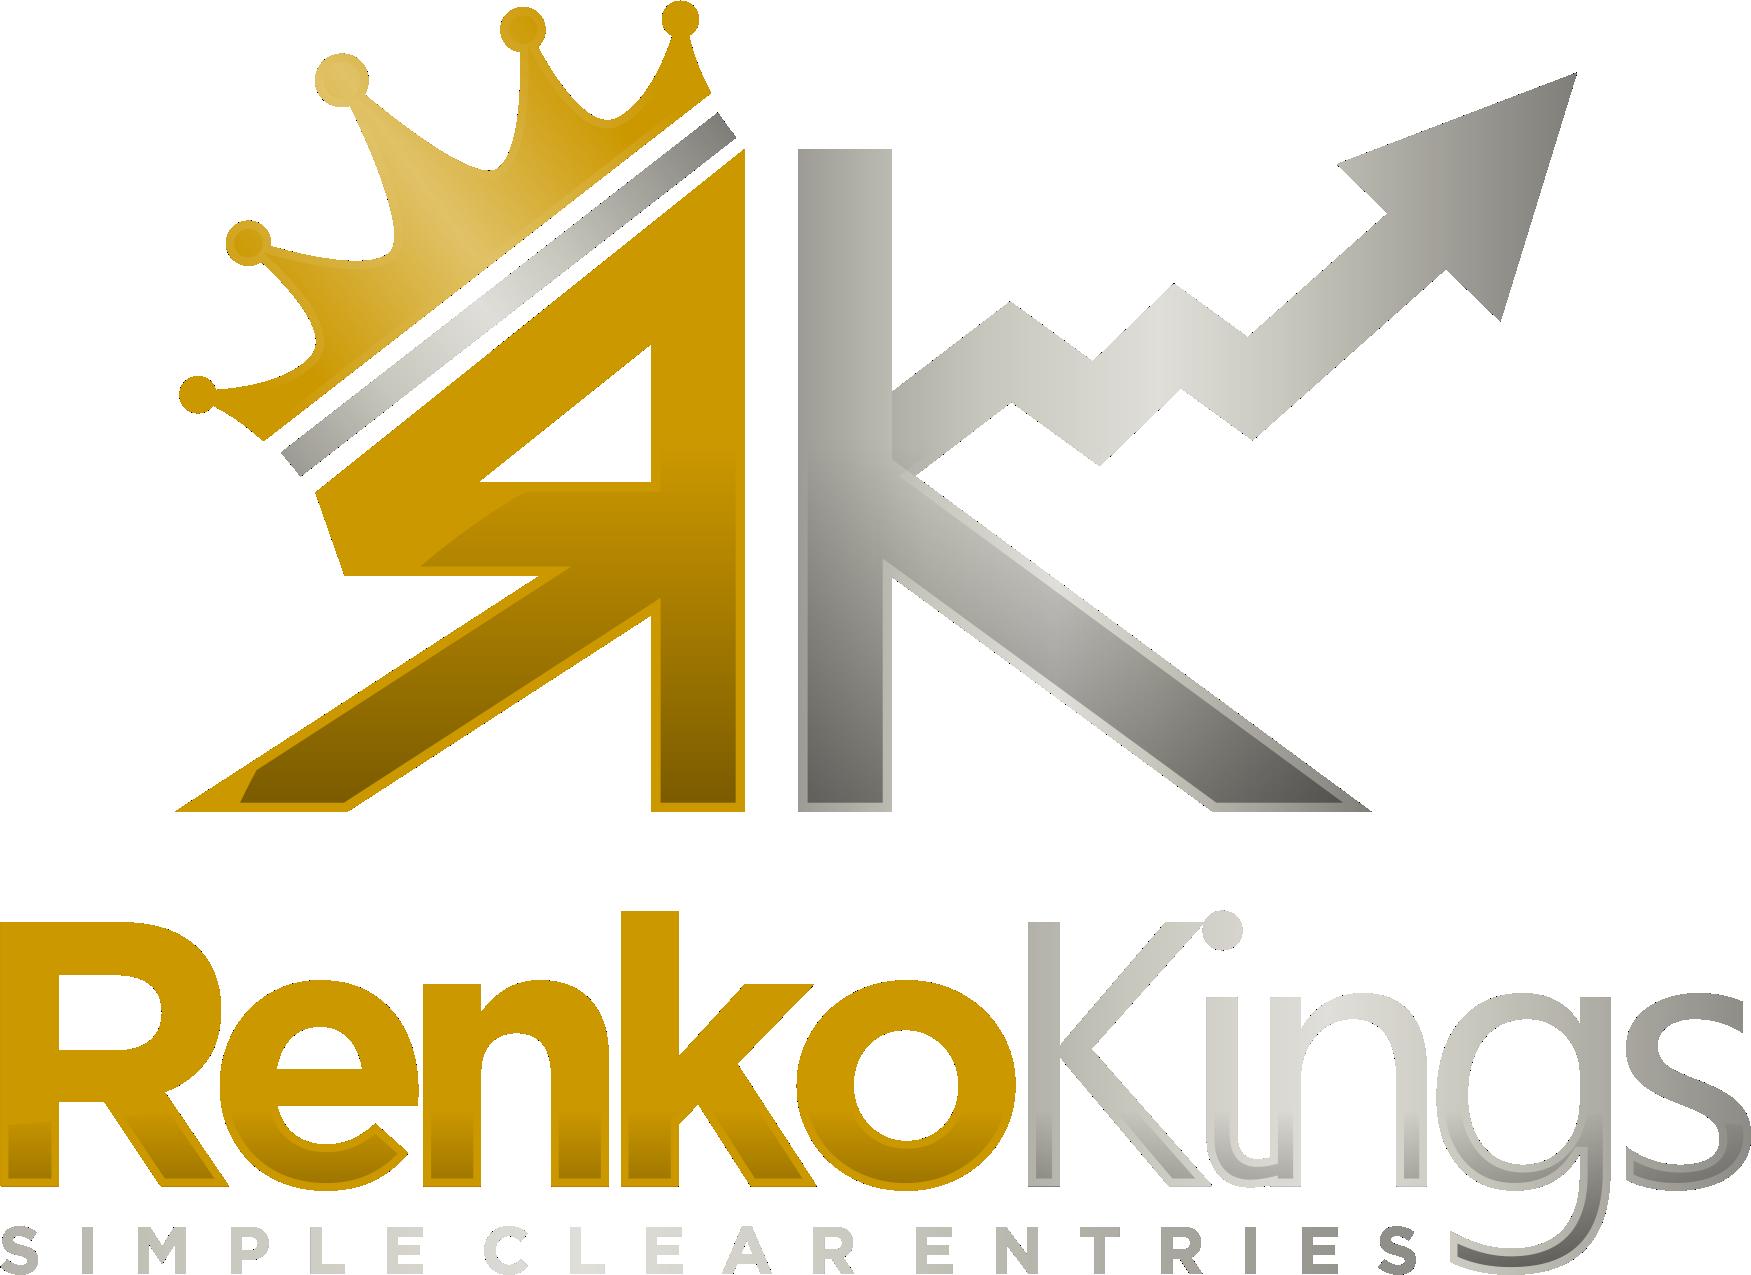 Renko kings – Simple, Clear Entries